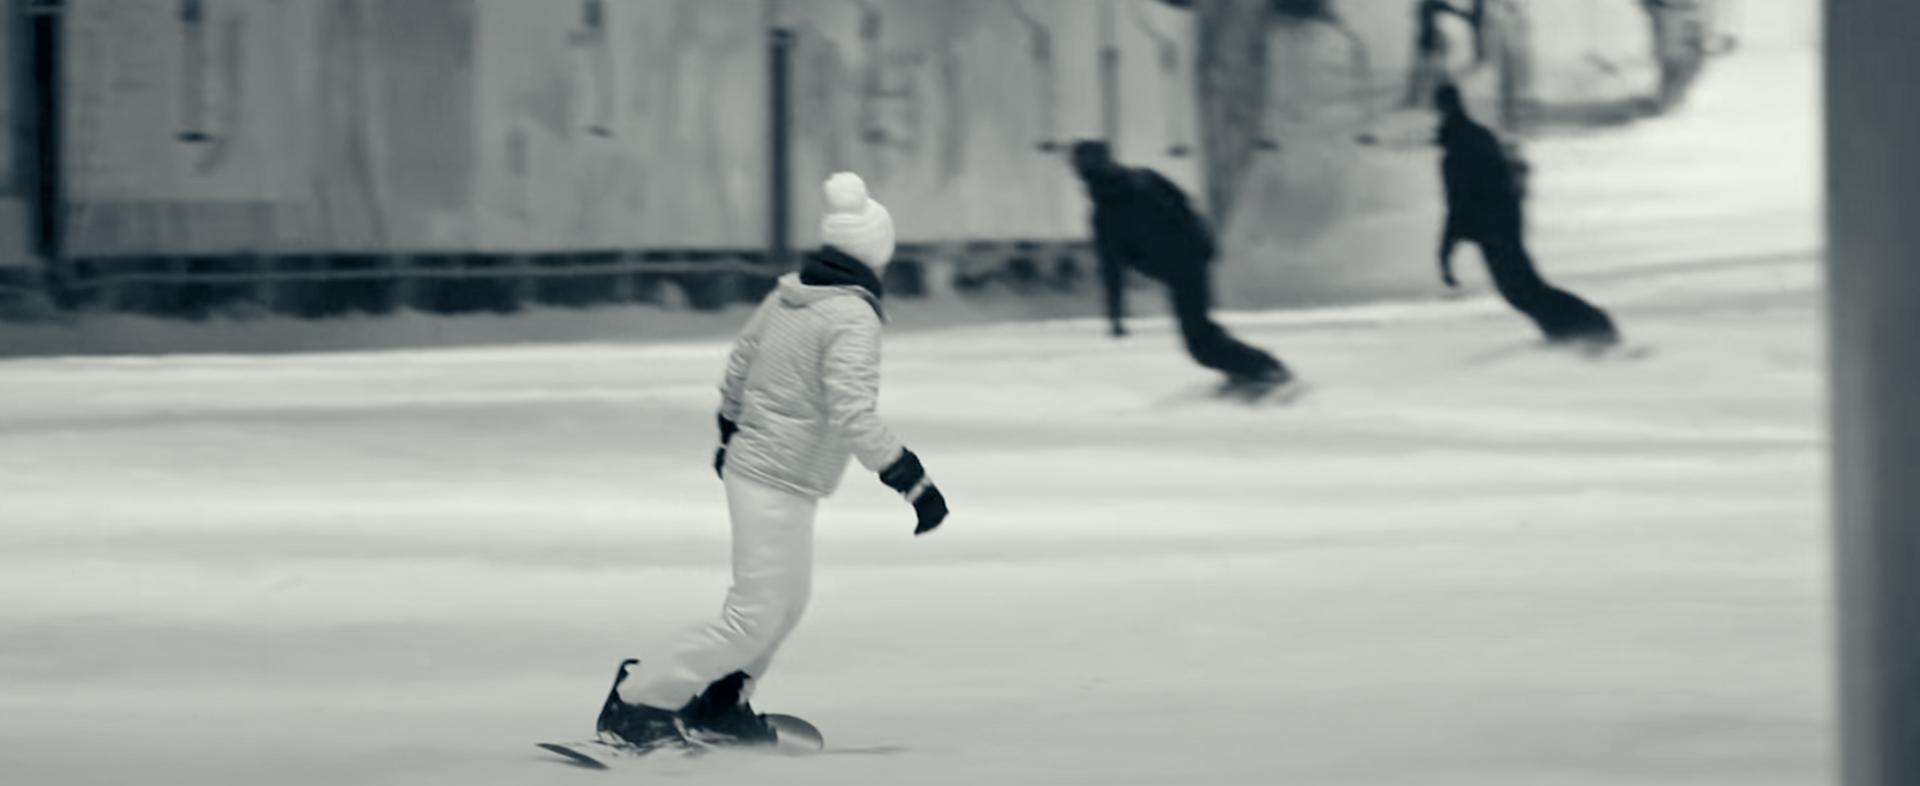 Videolip jagen door de sneeuw